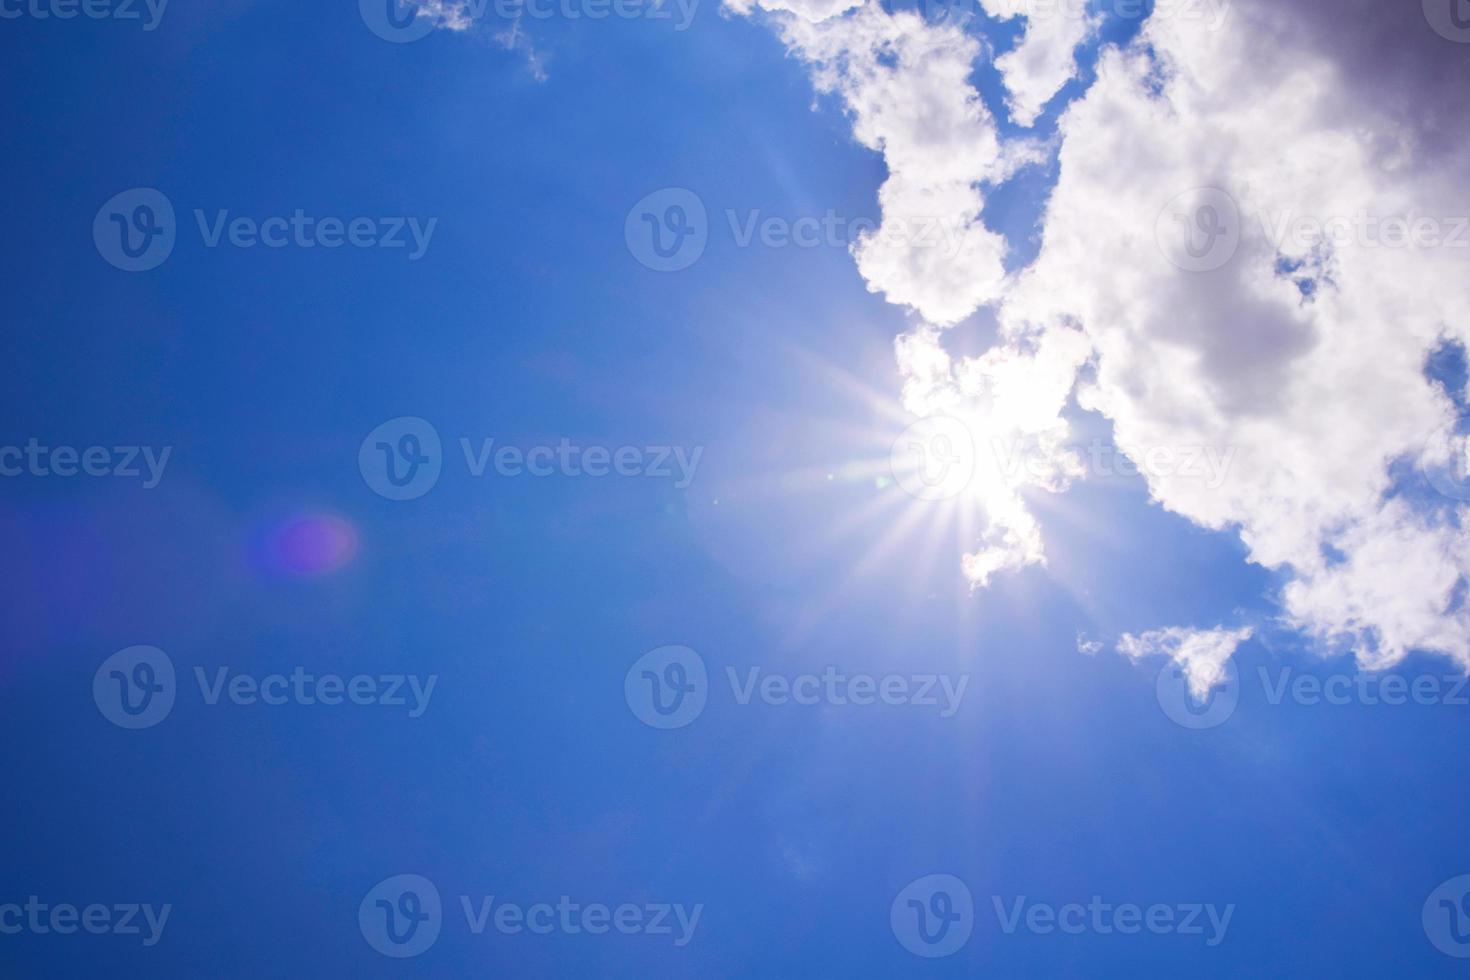 soleil brillant réaliste avec lumière parasite. ciel bleu avec des nuages photo